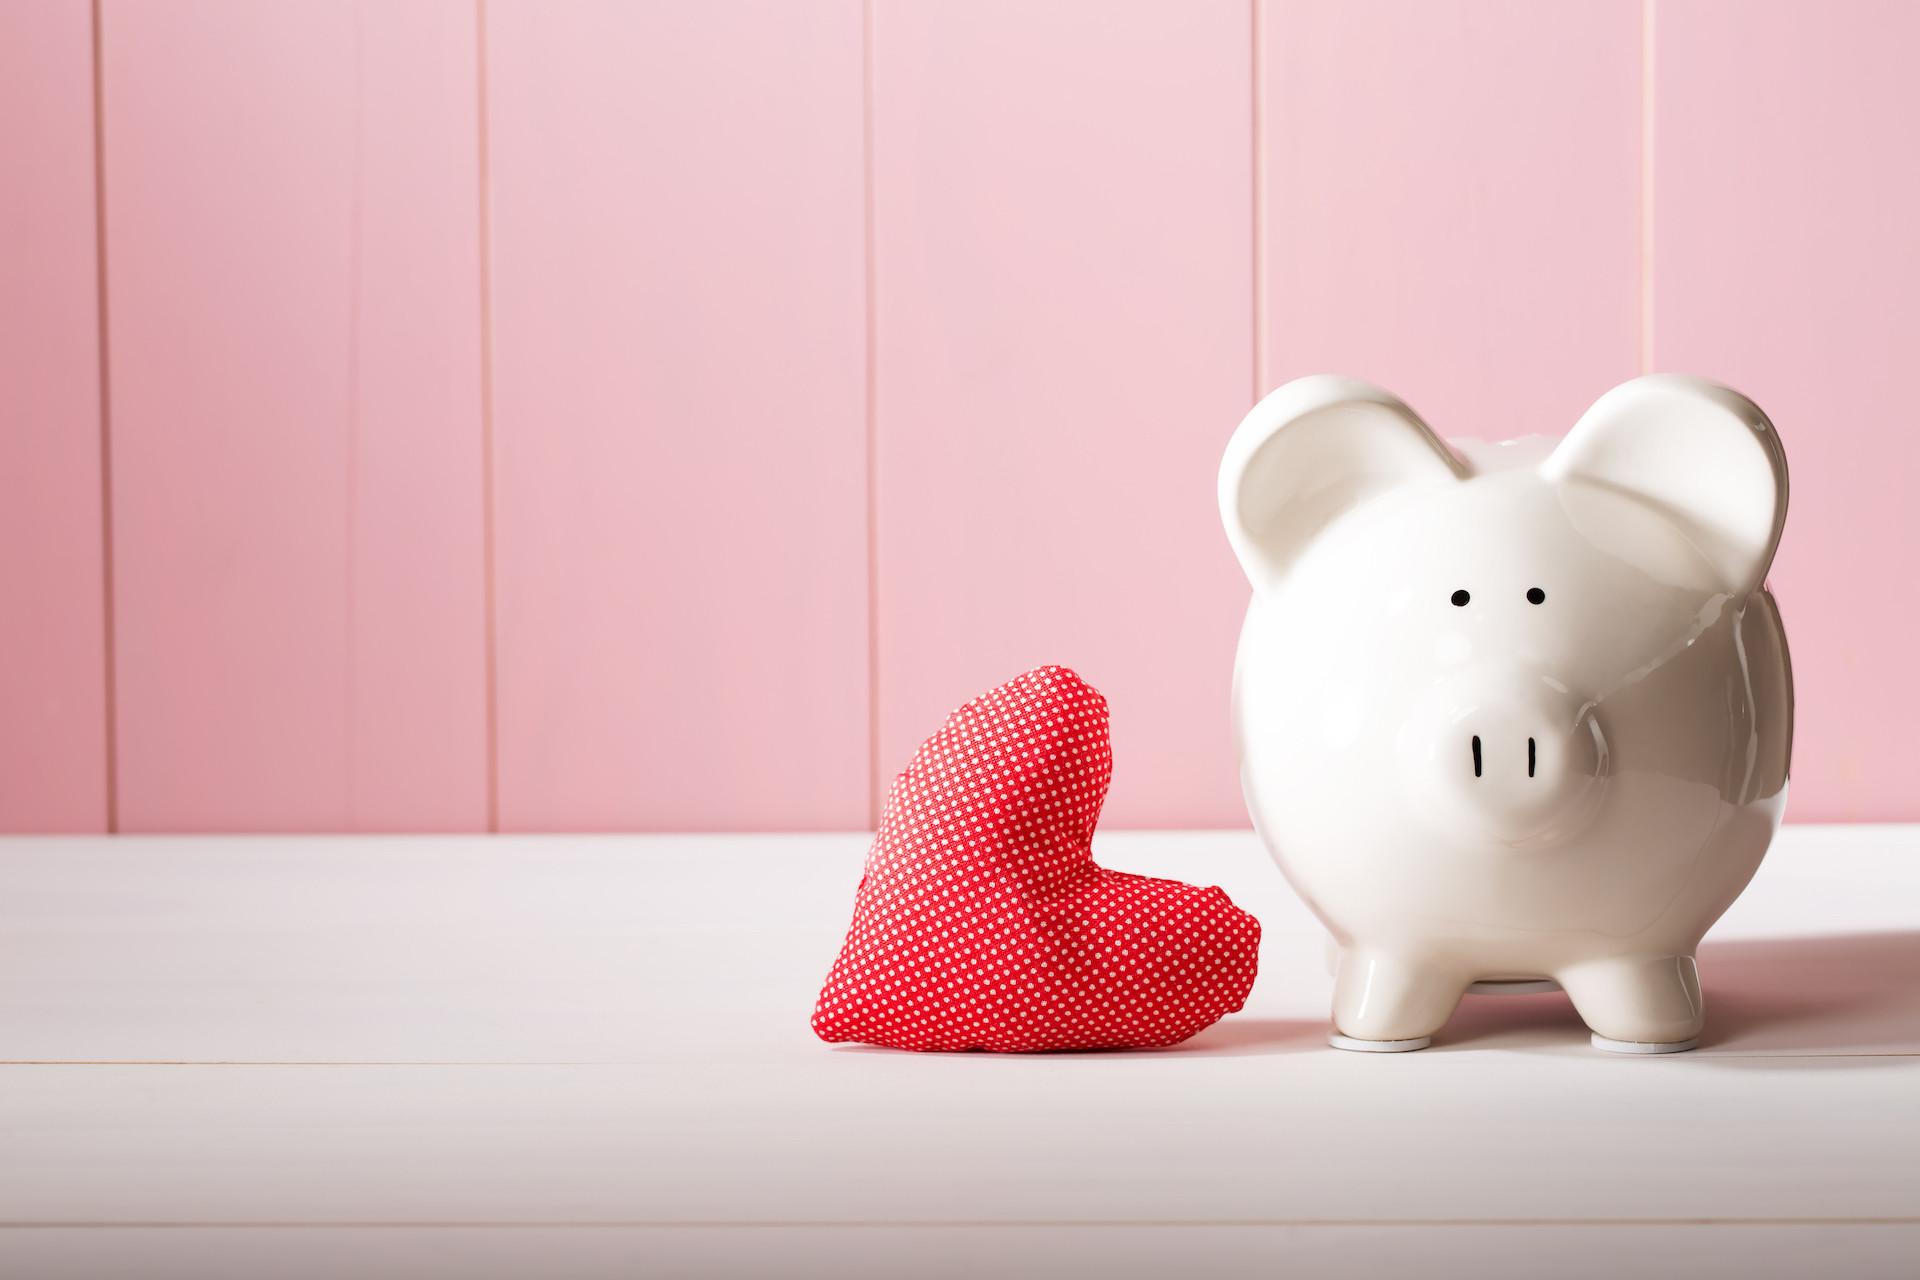 Finanzen in der Ehe – Wie man das Thema Geld in der Ehe angeht